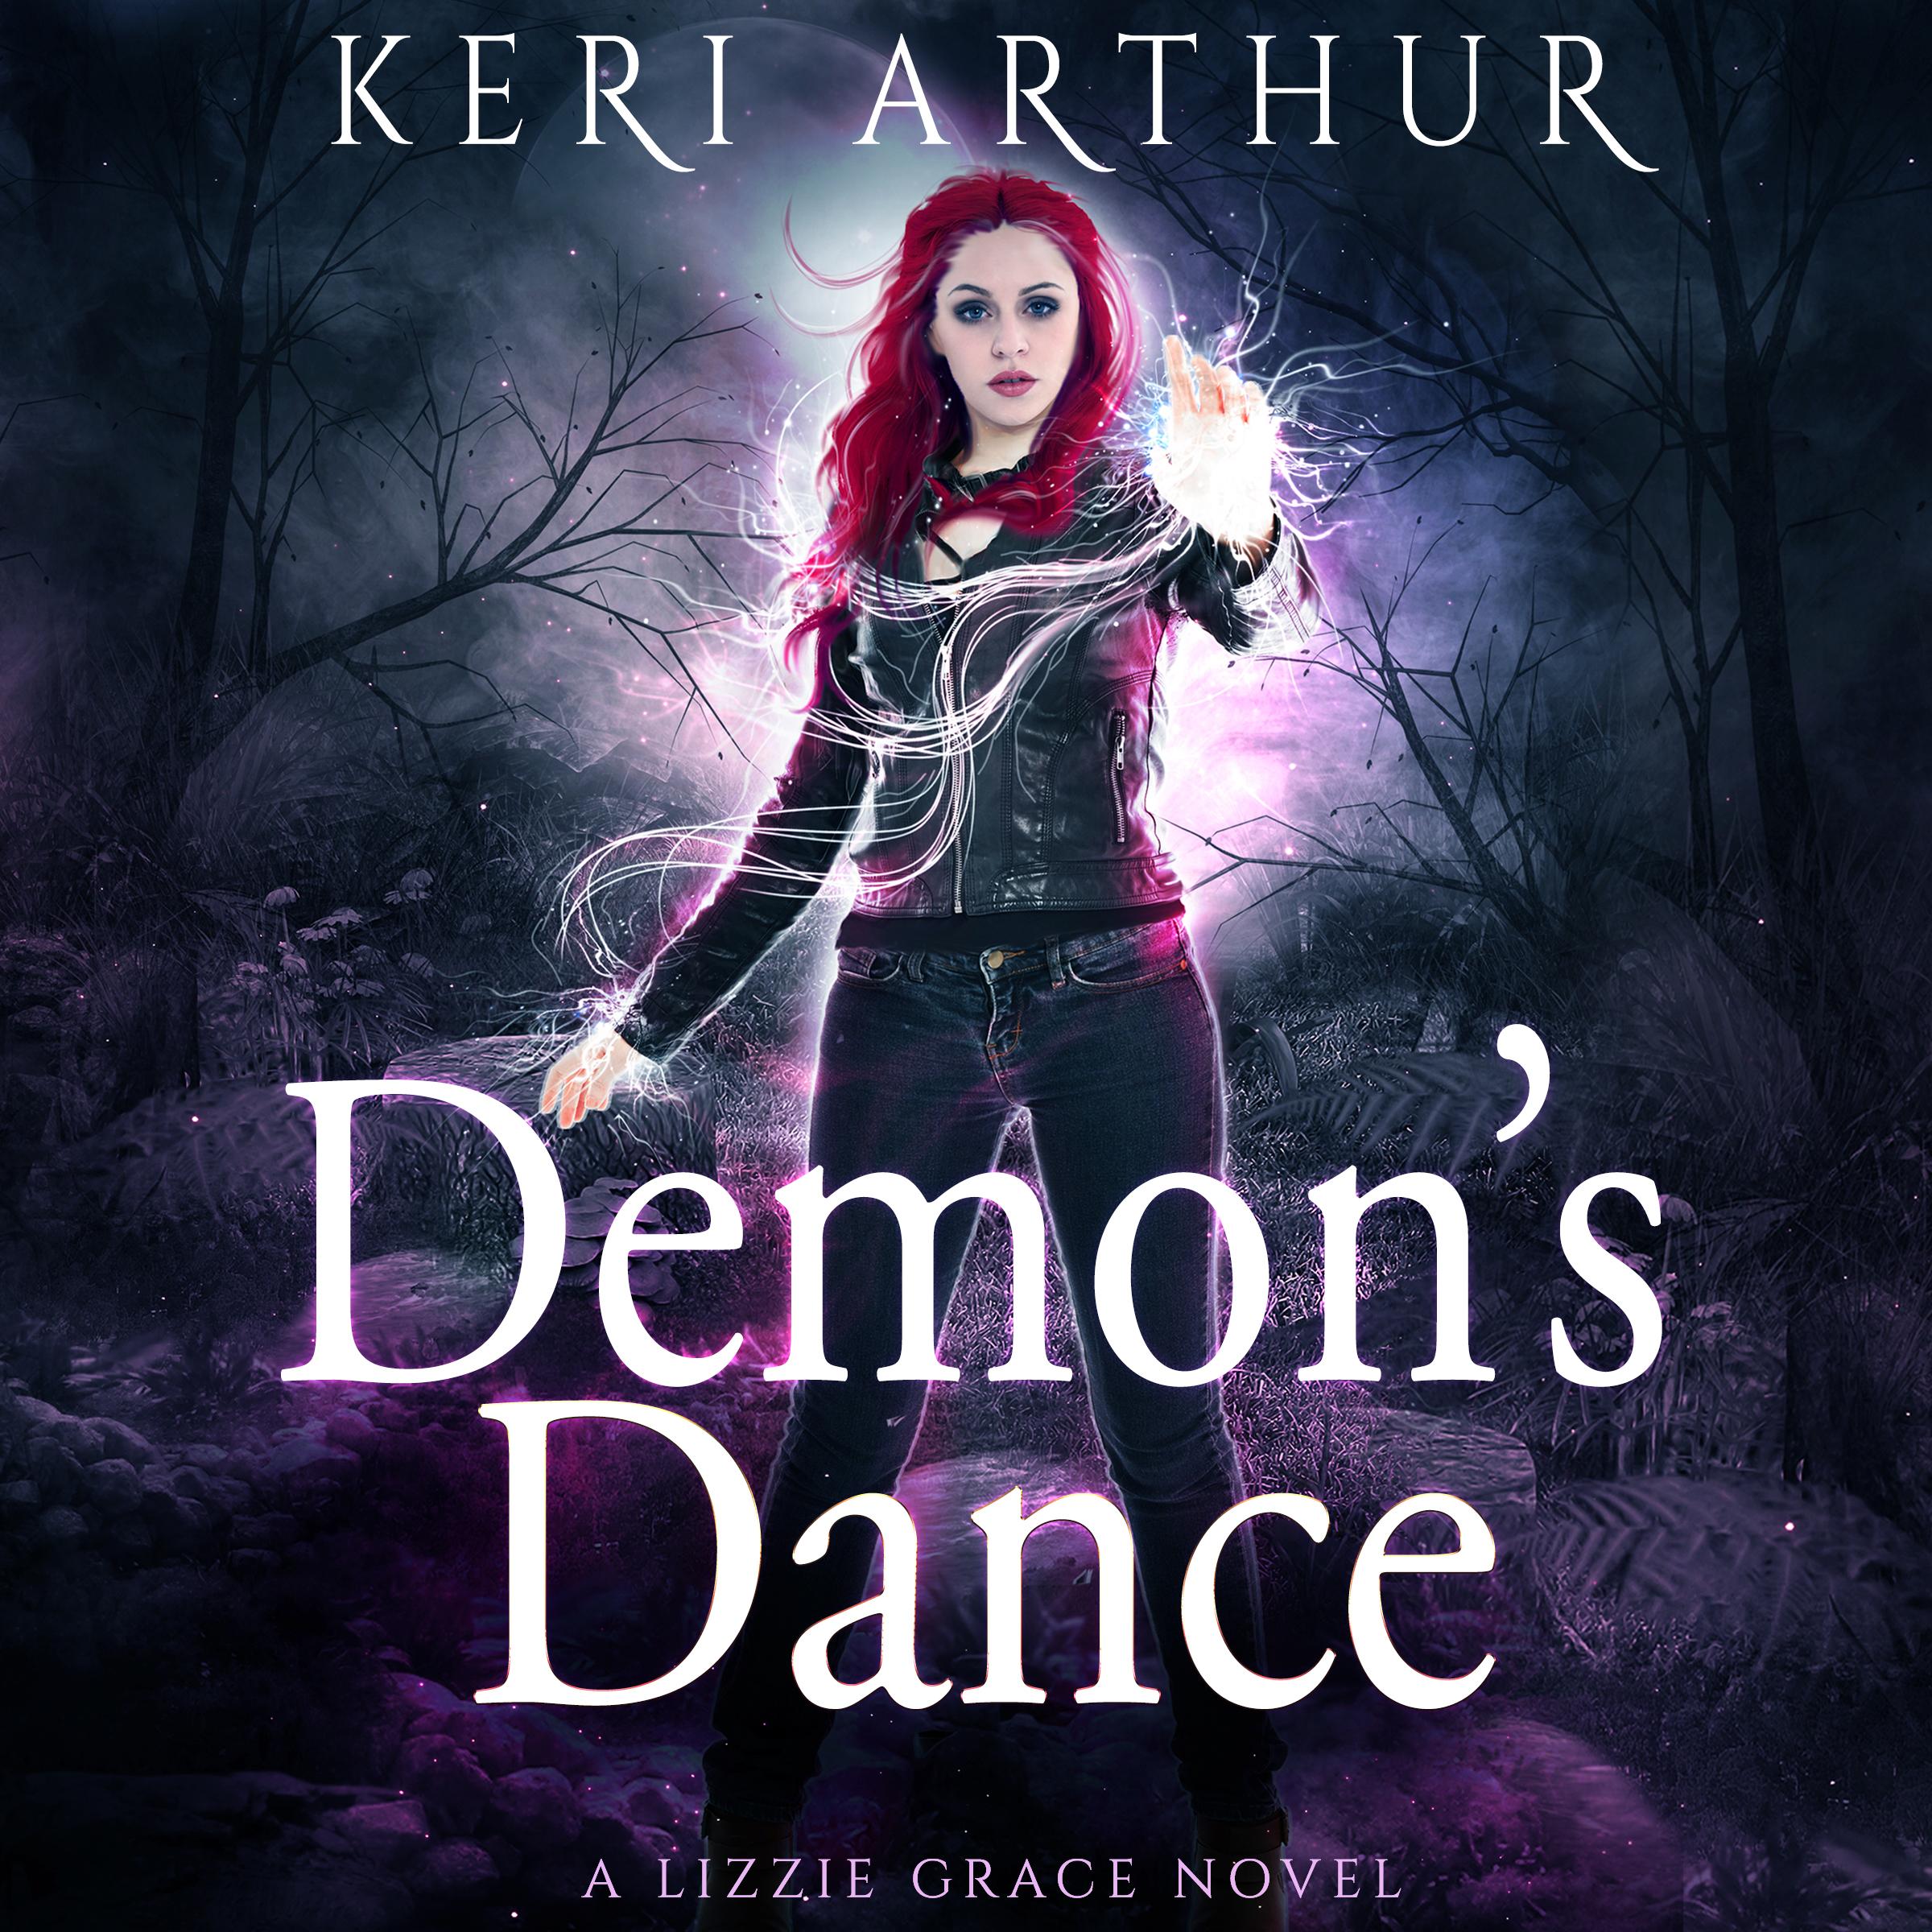 Demon's Dance audiobook by Keri Arthur